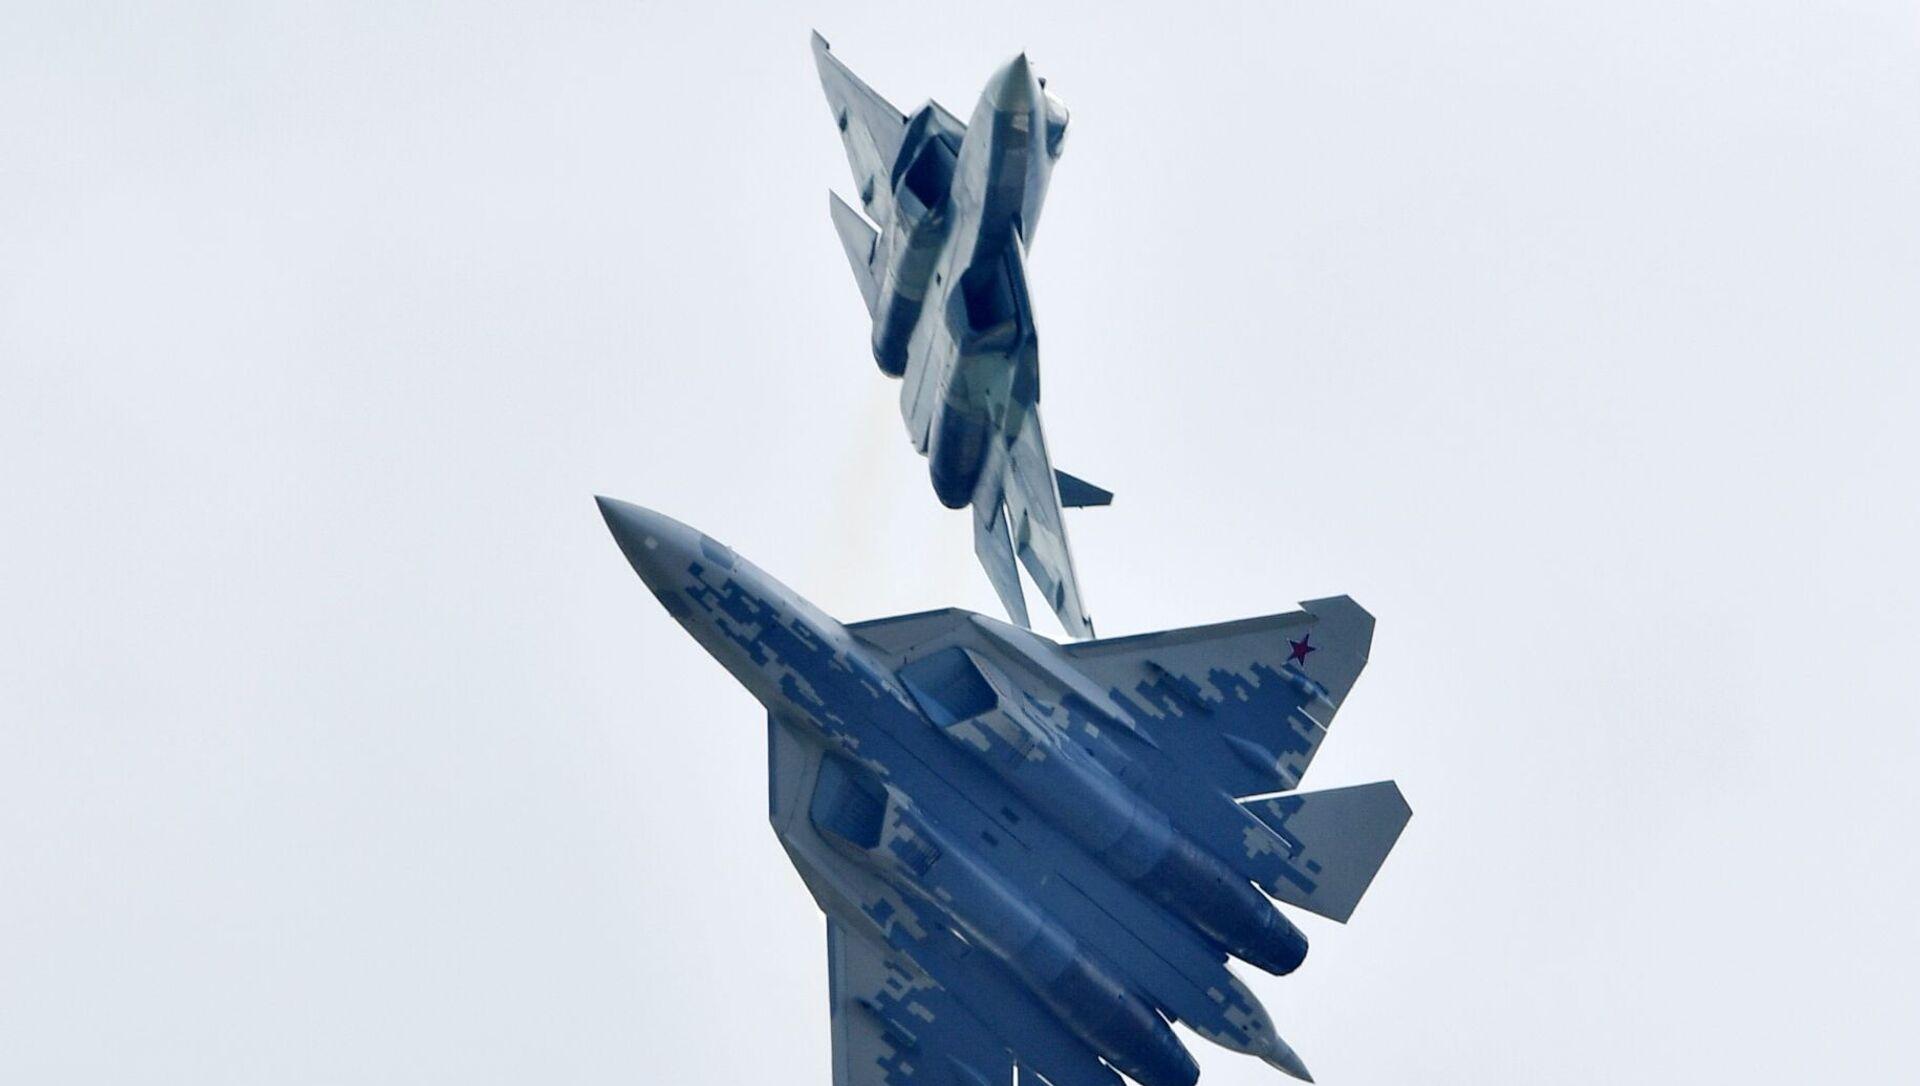 Máy bay chiến đấu đa năng thế hệ thứ năm của Nga Su-57 thực hiện chuyến bay trình diễn tại Triển lãm Hàng không - Vũ trụ MAKS-2019 - Sputnik Việt Nam, 1920, 26.05.2021